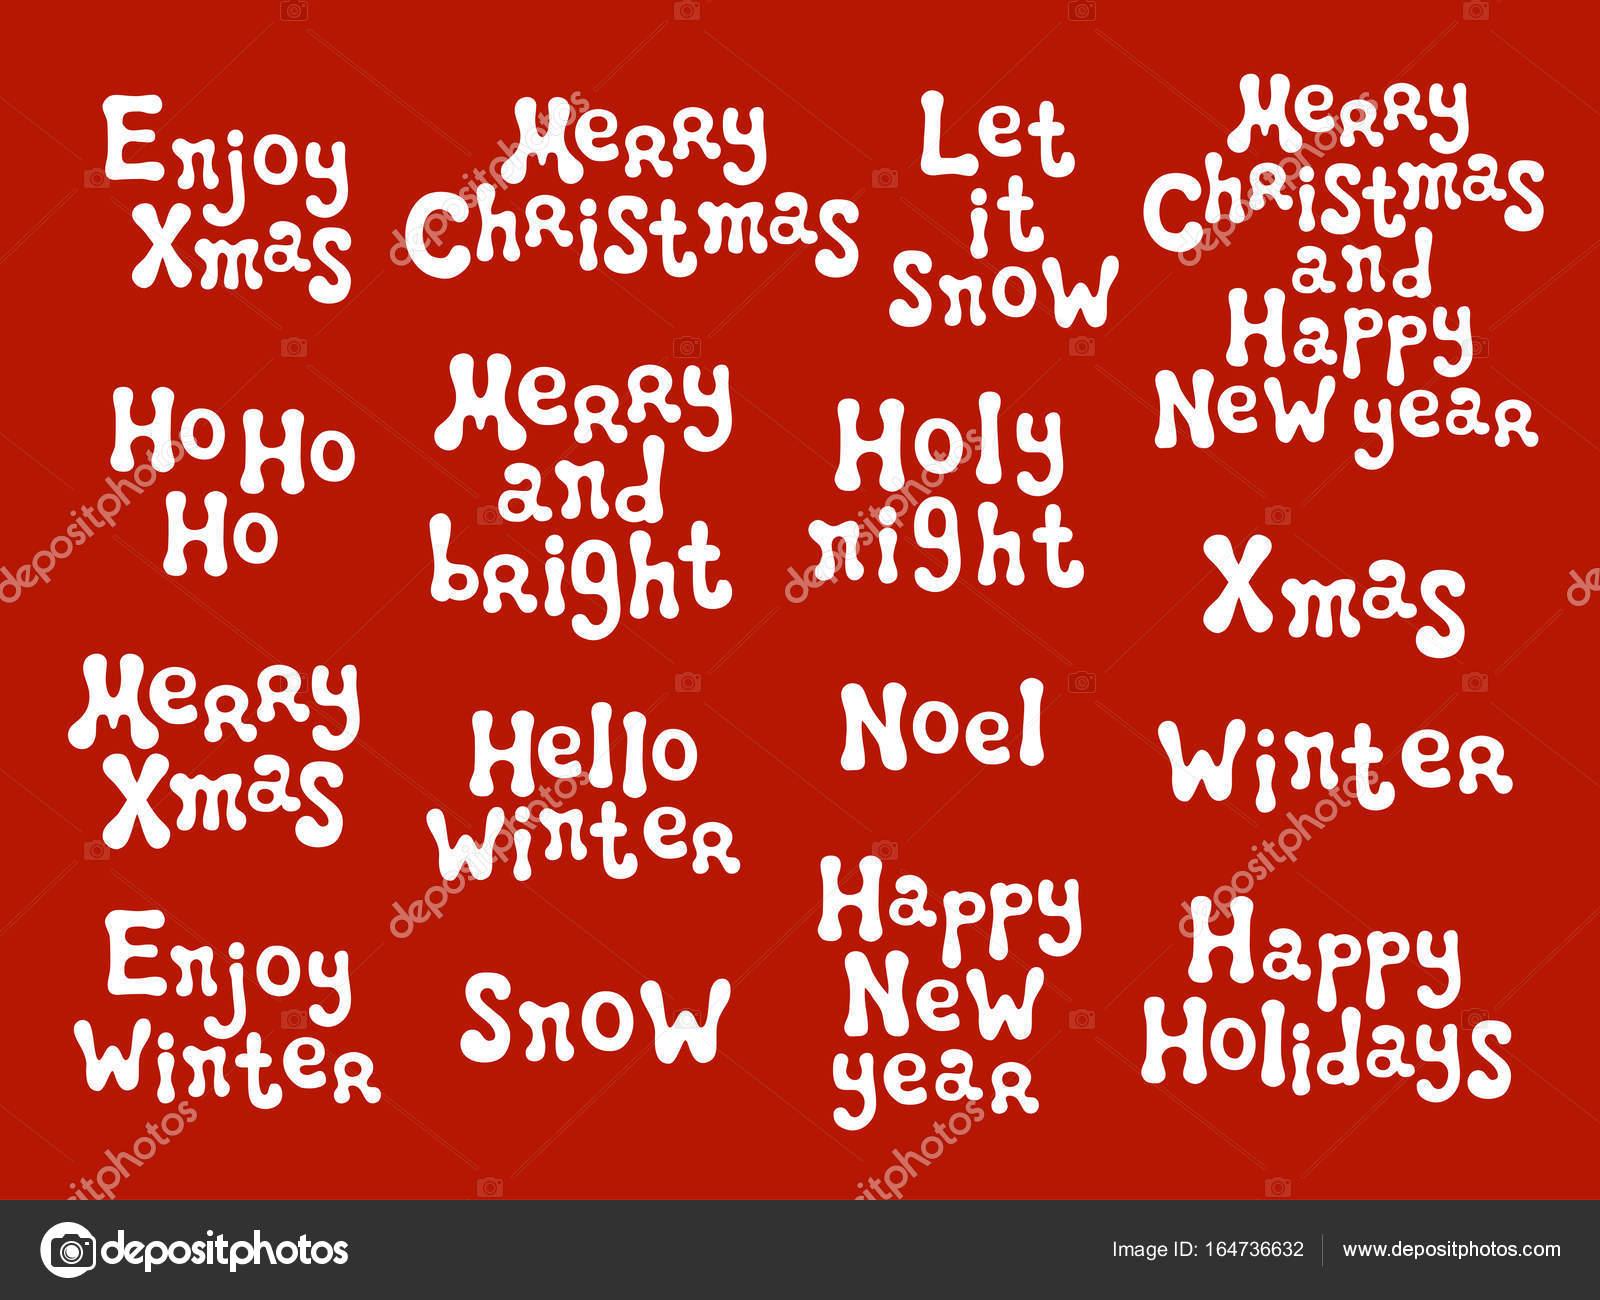 Frasi Per Gli Auguri Di Natale E Capodanno.Frasi Di Calligrafia Di Natale E Capodanno Insieme Scritto